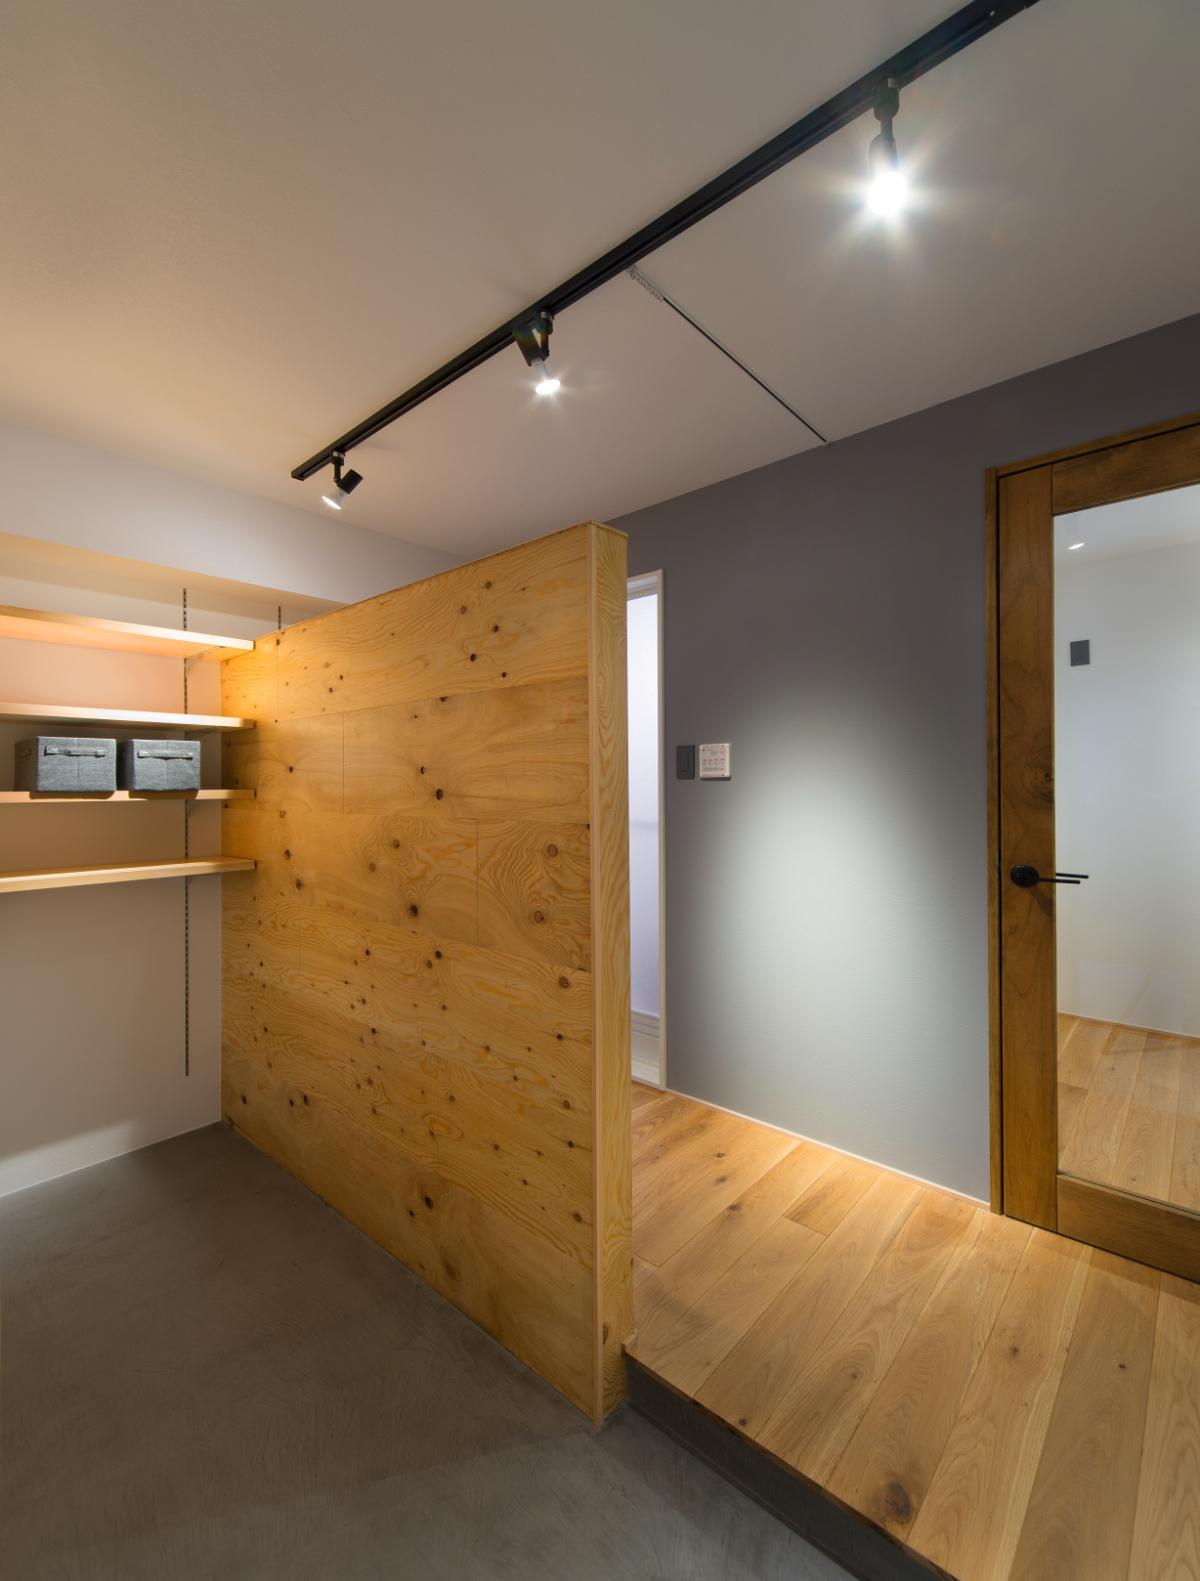 リノベーション後の洗面・浴室スペース